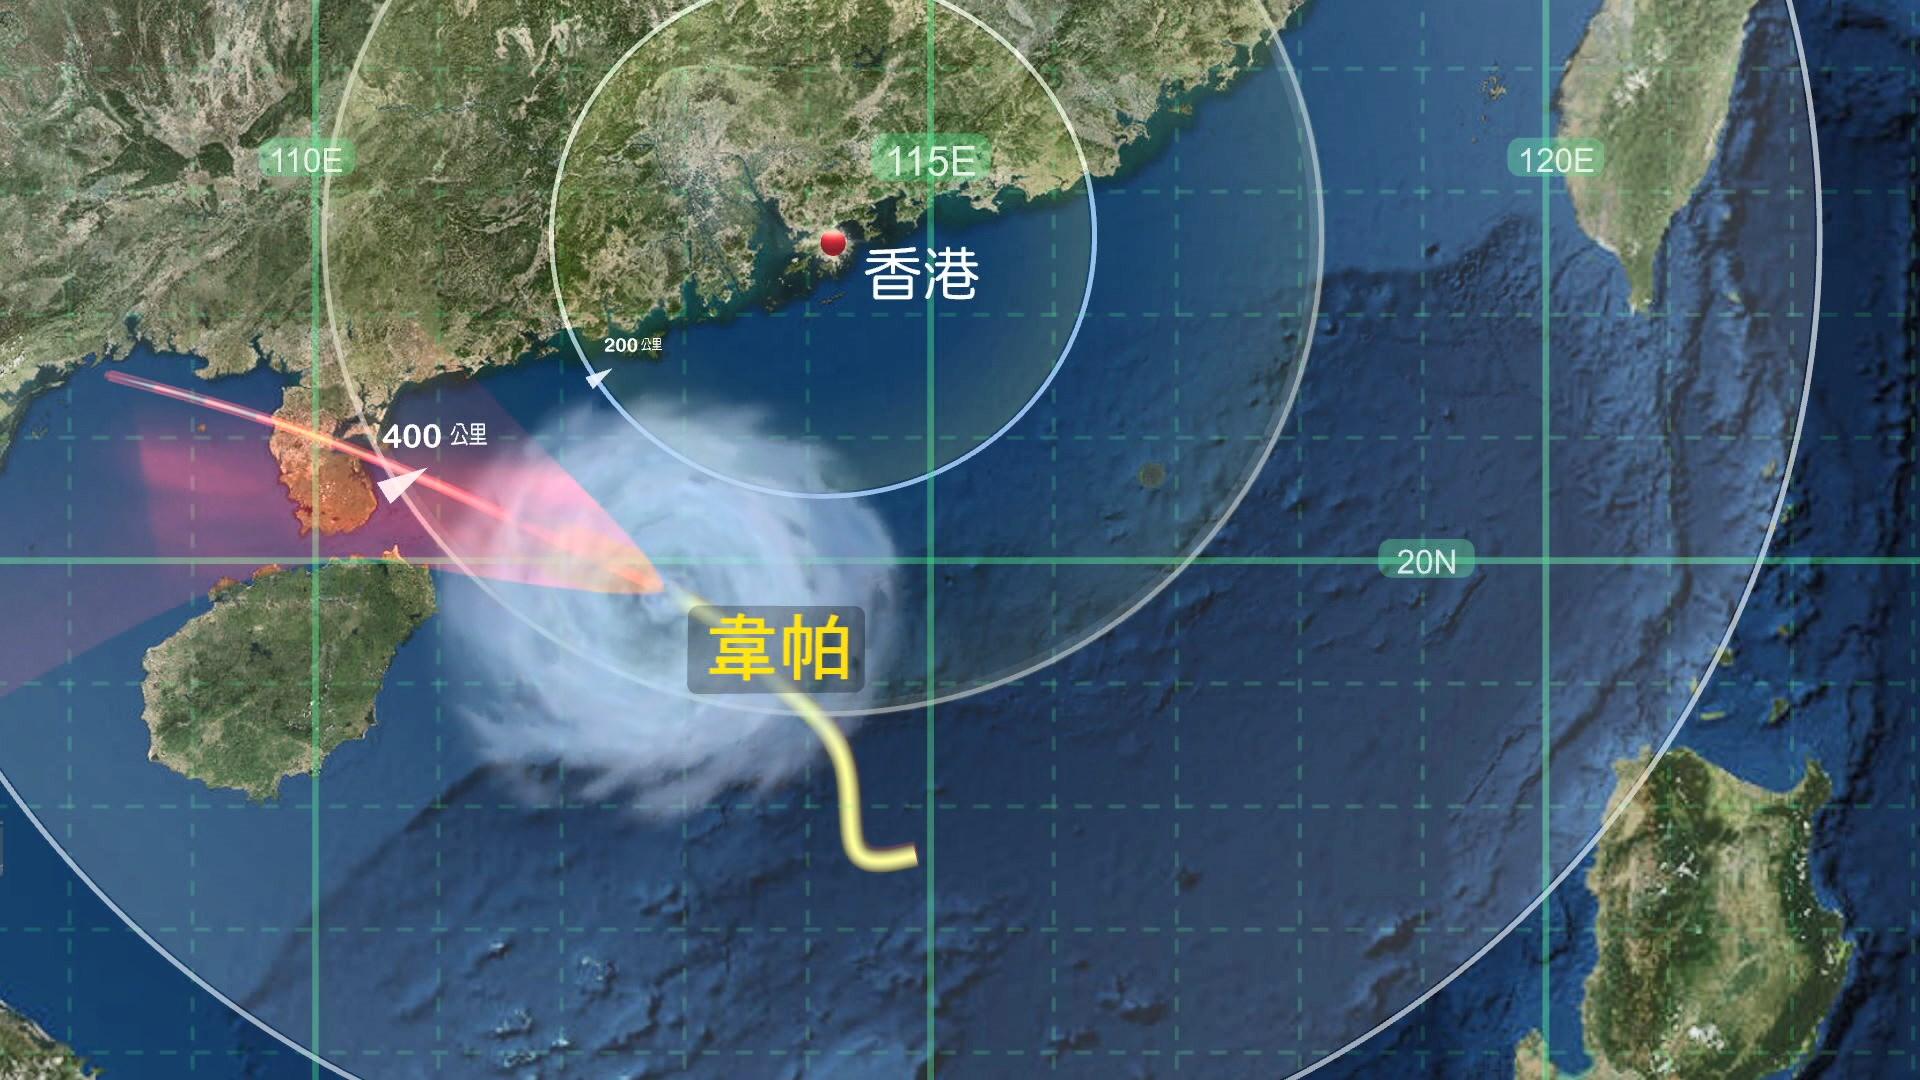 【韋帕襲港】韋帕現時正最接近香港